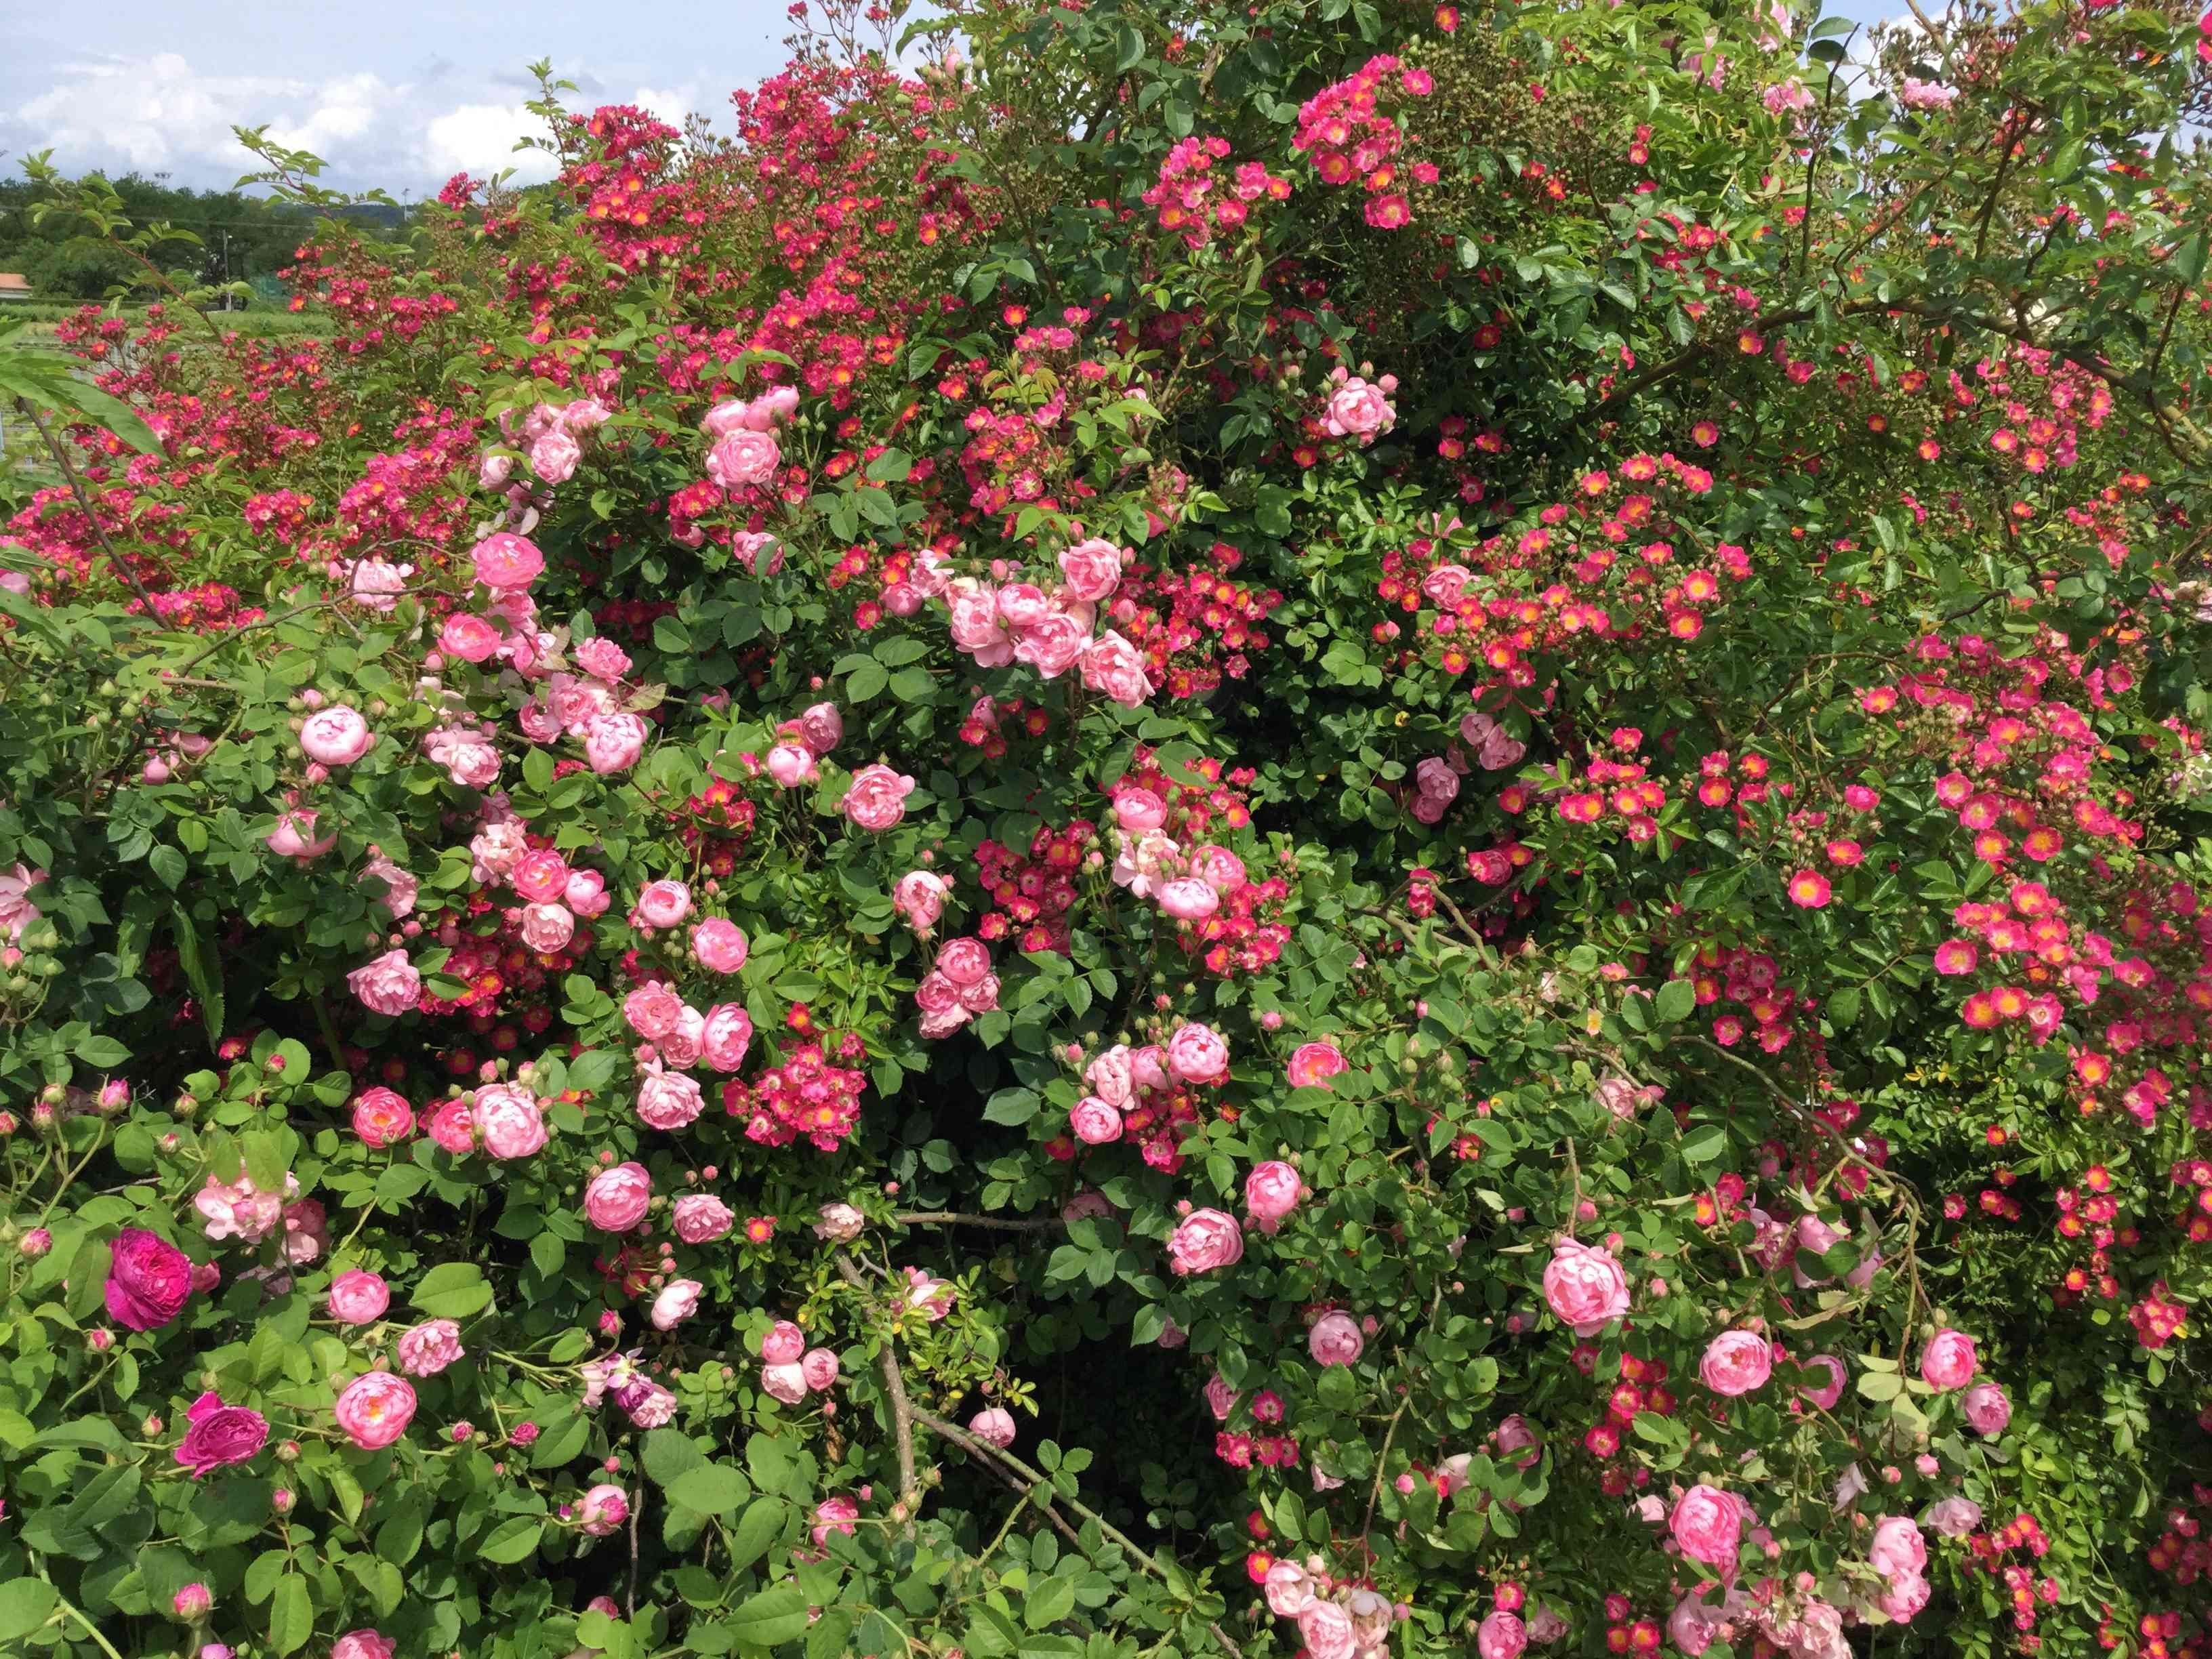 La Roseraie des Pommiers en Ardèche Eae9dc10